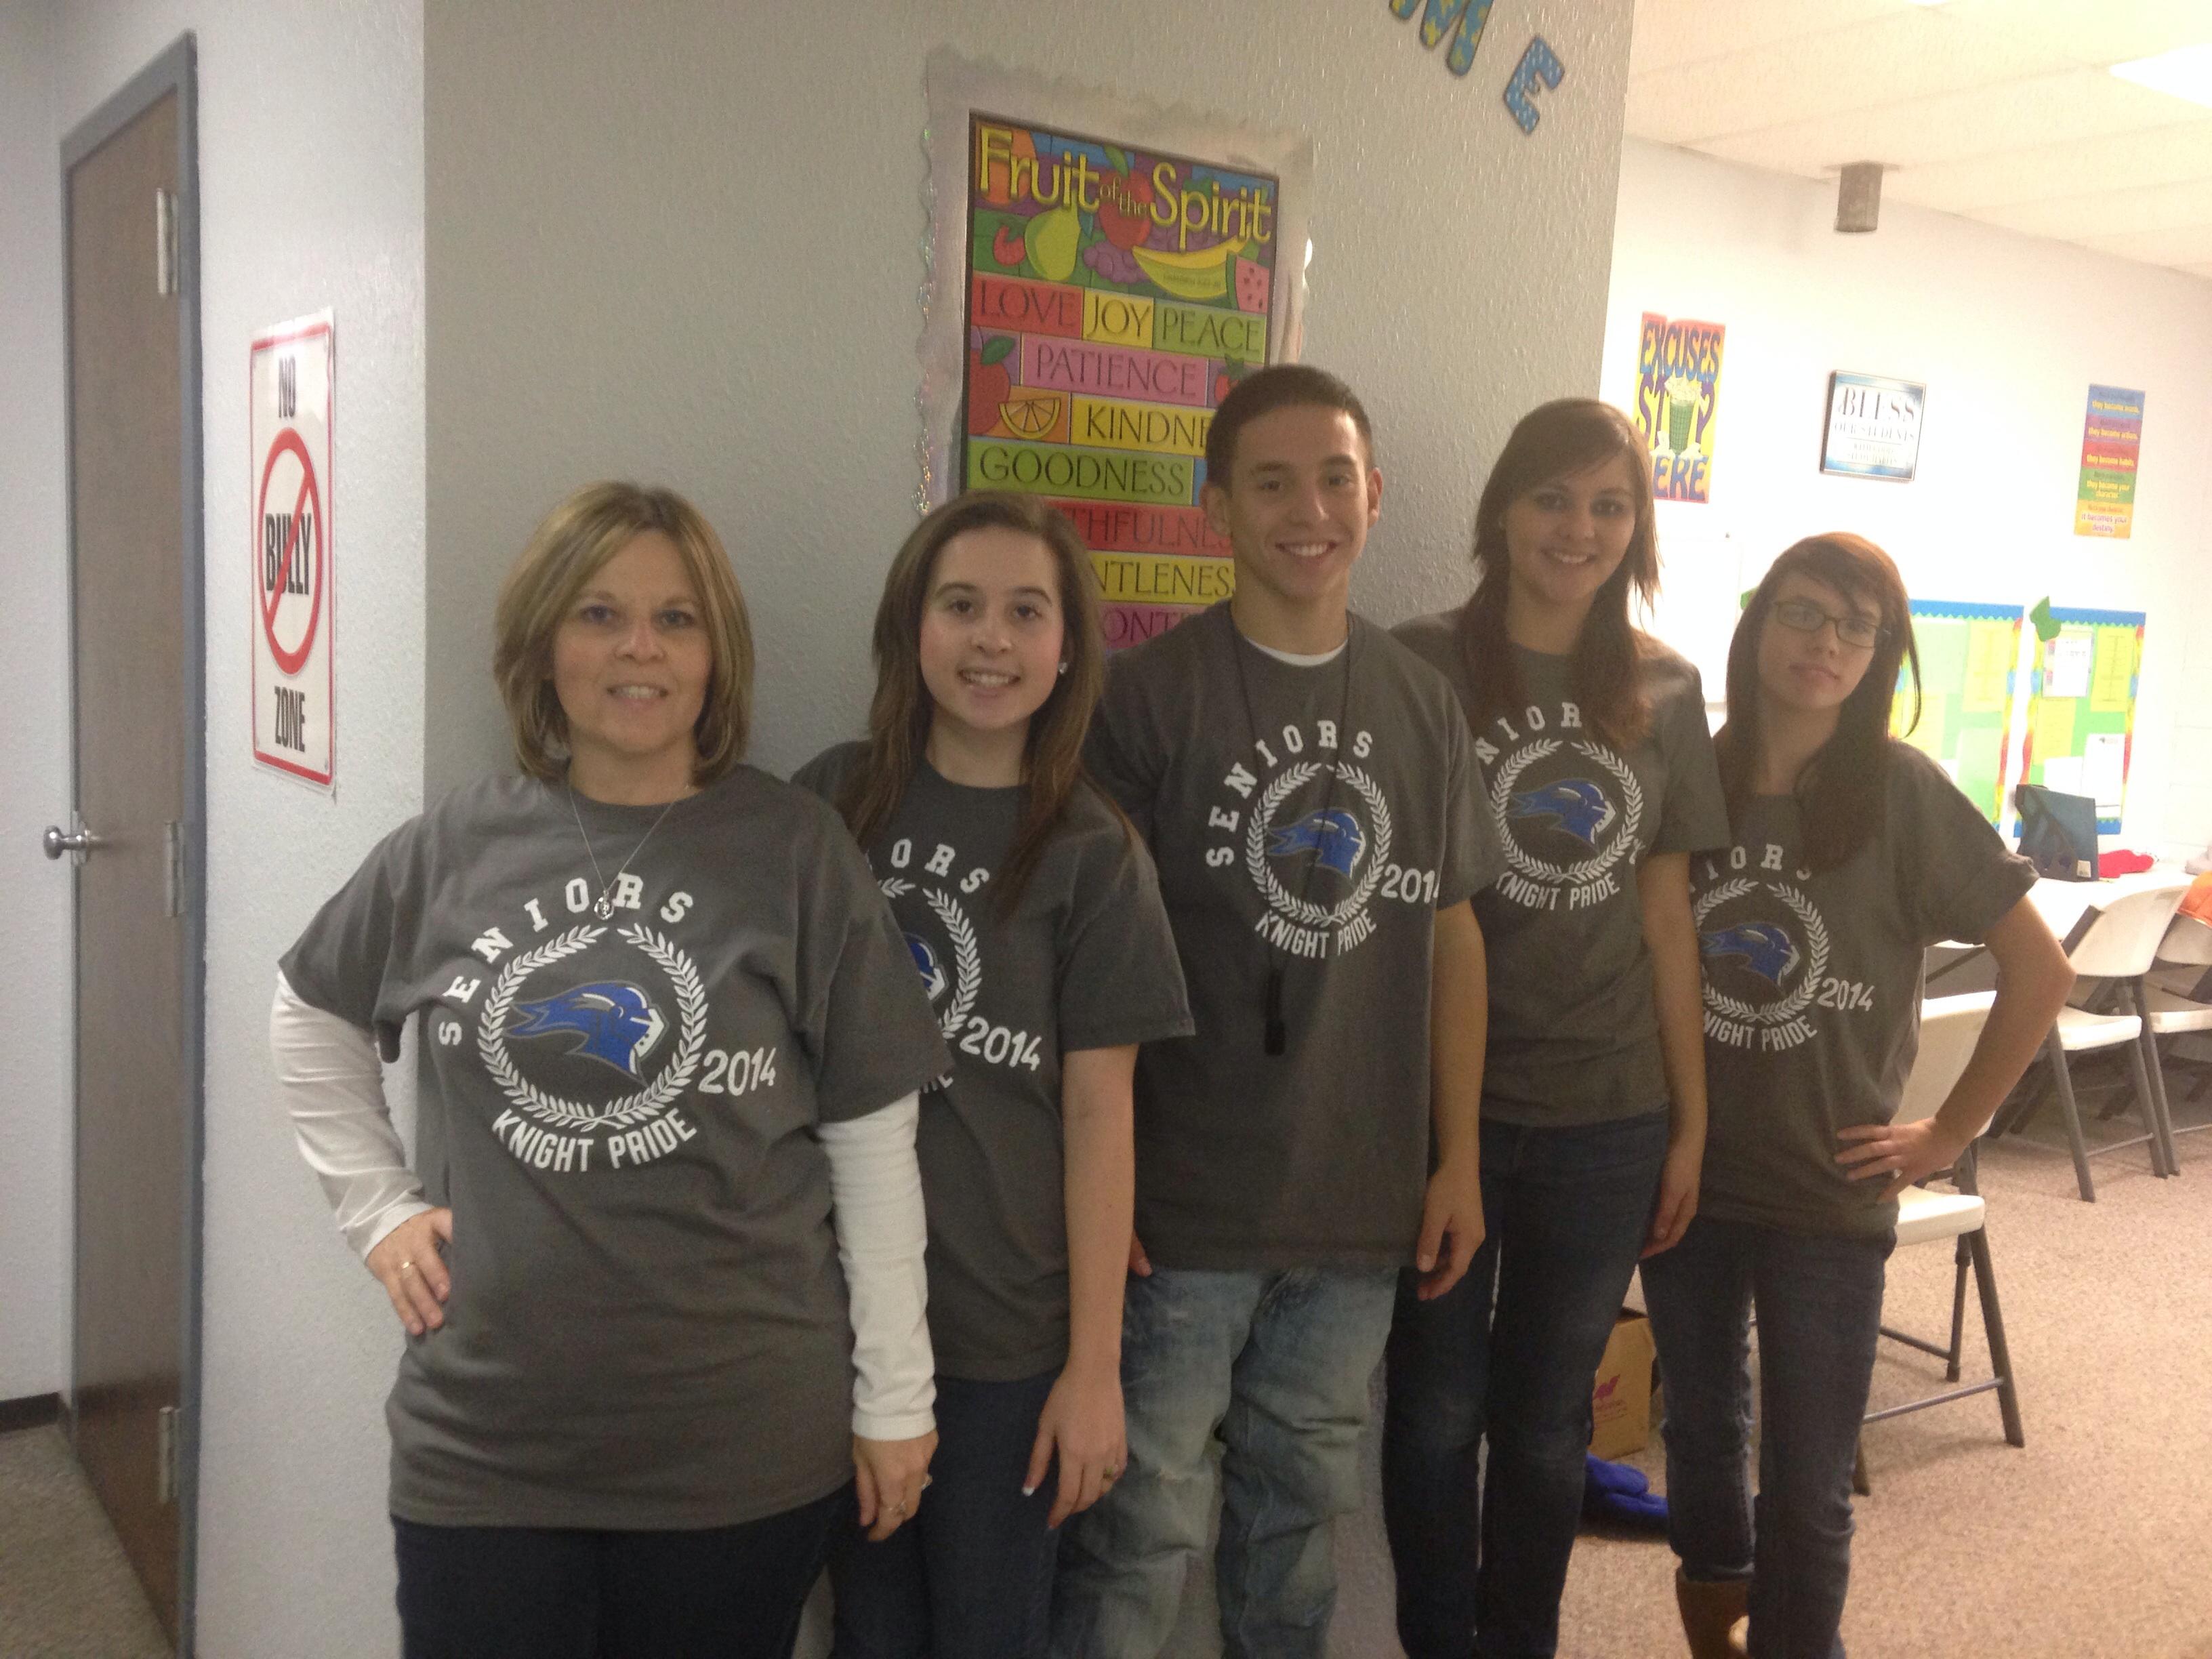 T shirt design help - 4seniors And The Teacher T Shirt Photo